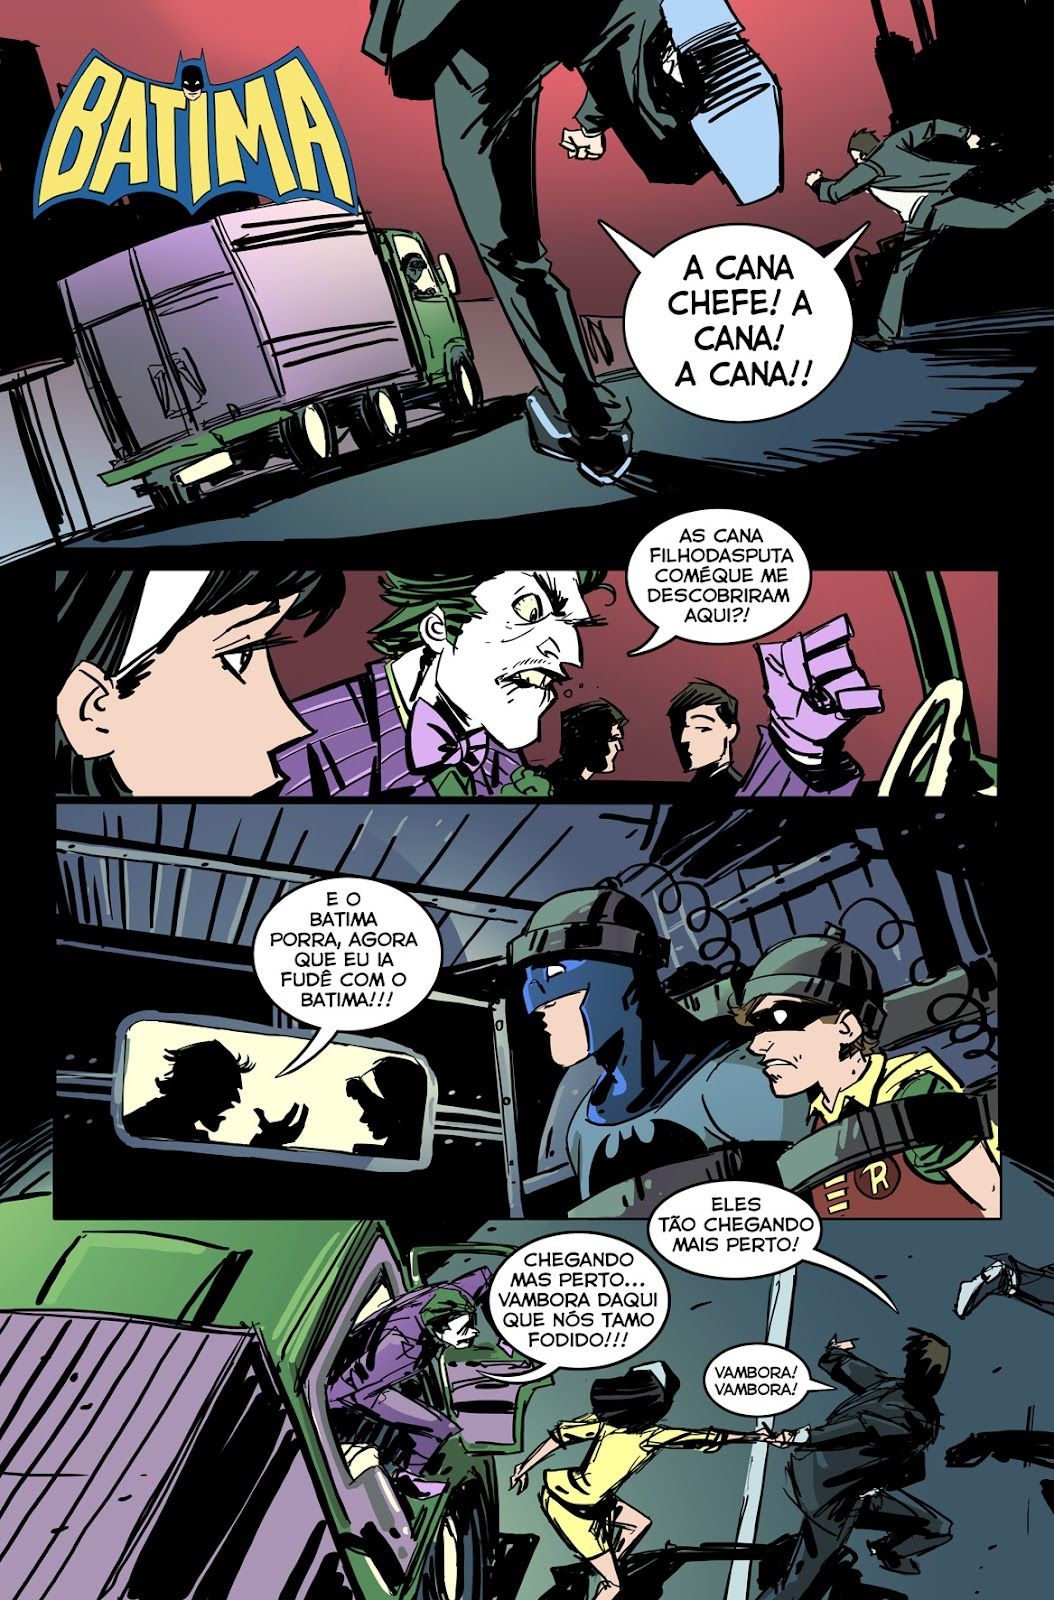 Frank Miller tremendo nas bases com esta promessa da obra definitiva do Batman.